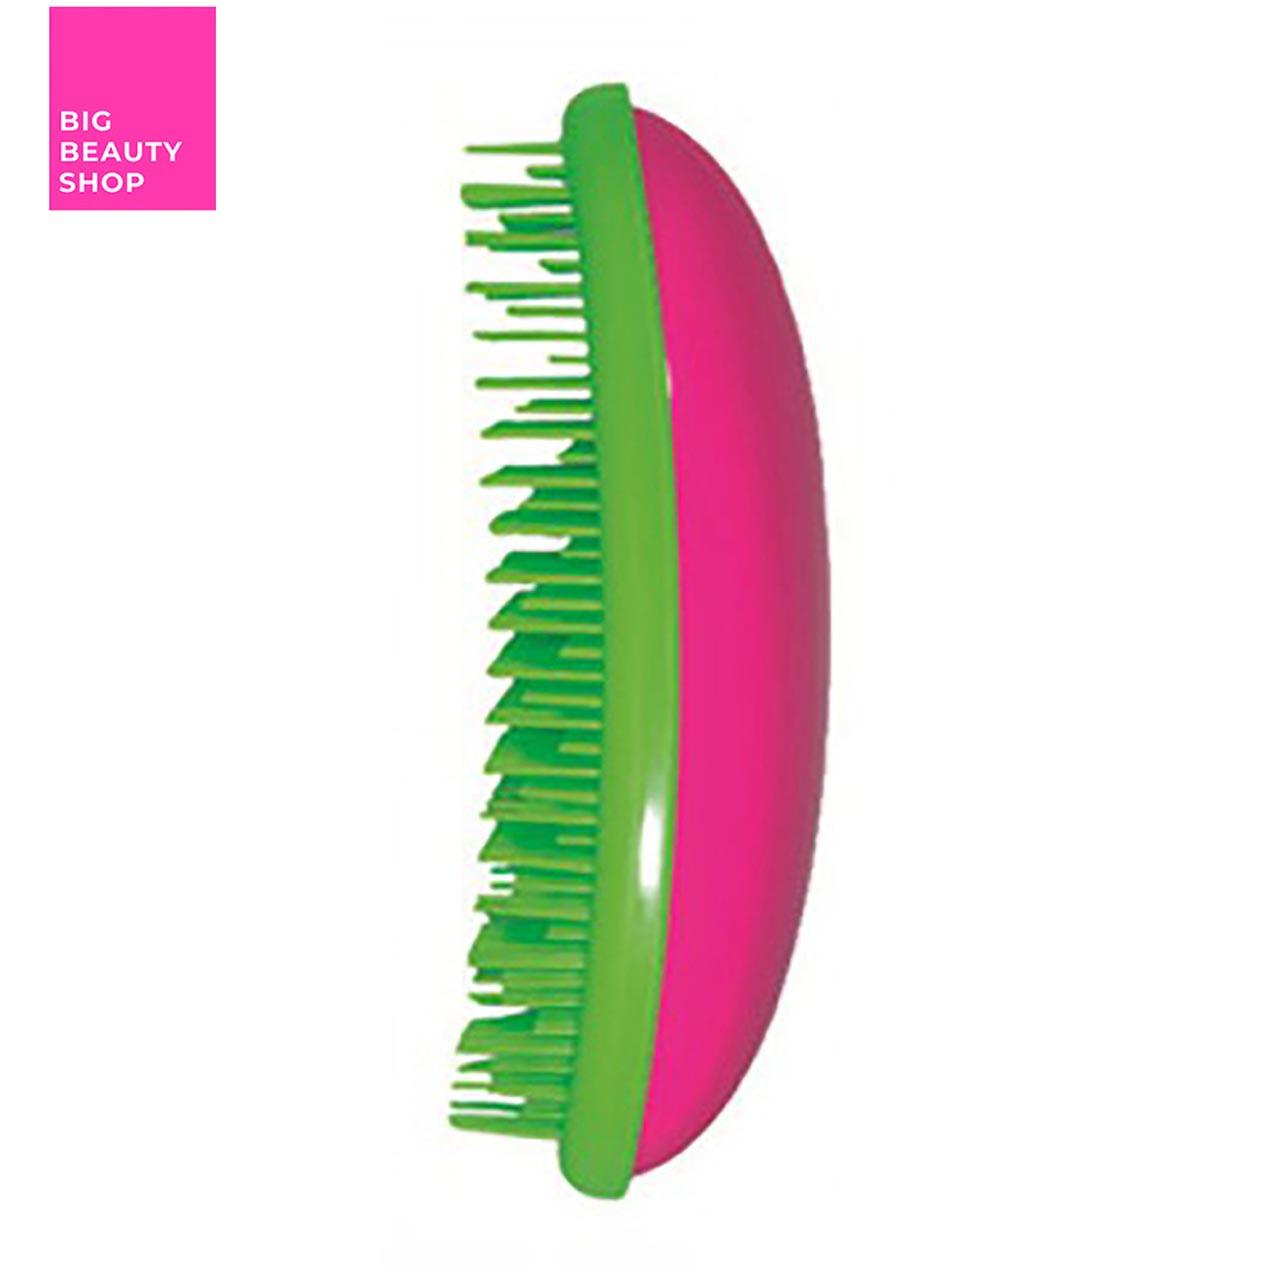 Щетка для волос Detangler Original фуксия-лайм